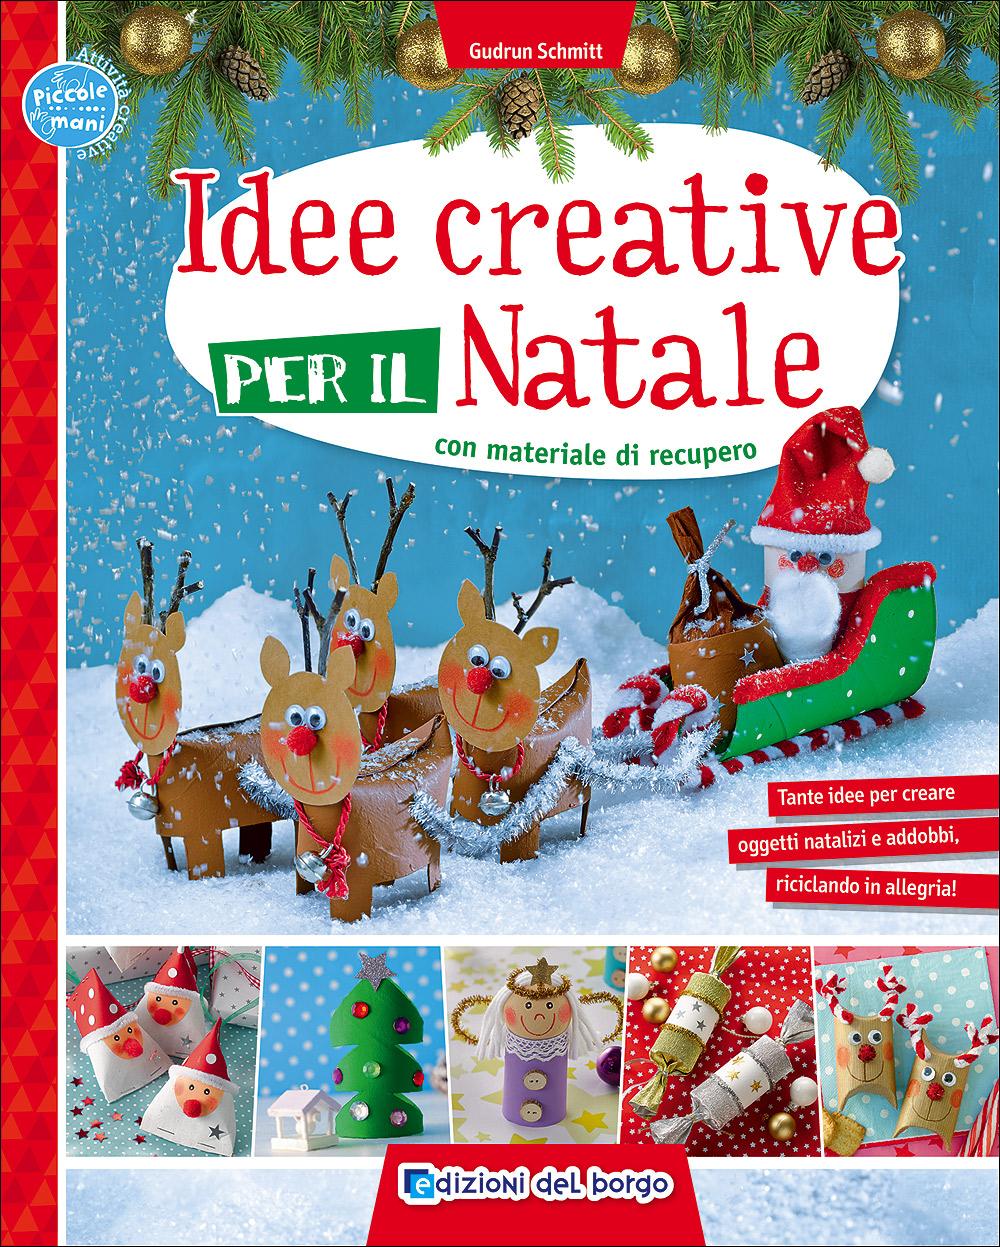 Idee creative per il Natale con materiale di recupero